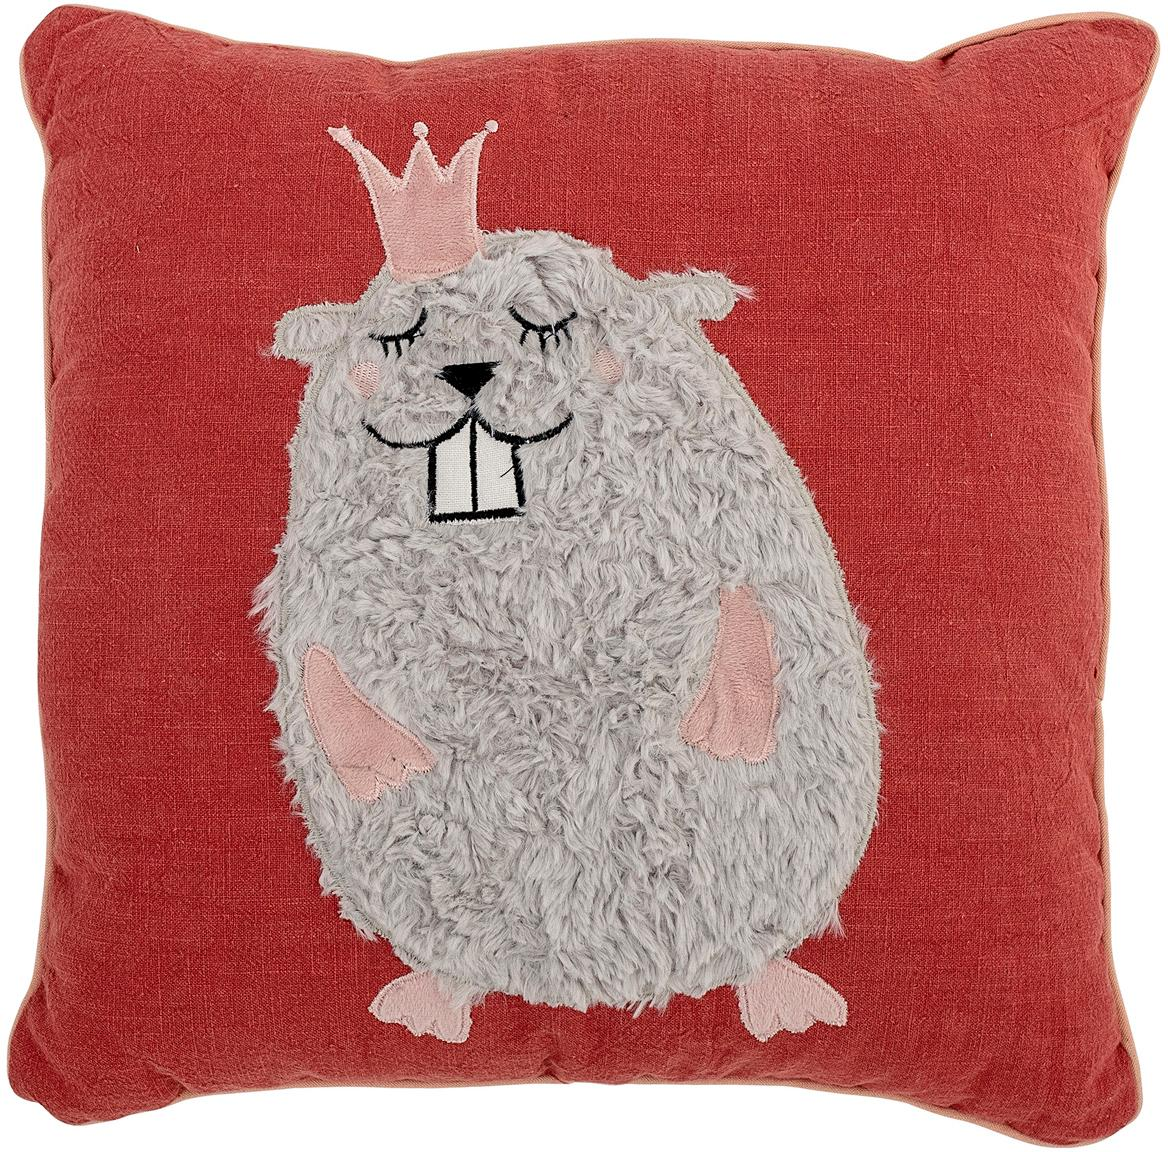 Dubbelzijdig kussen Hamster, Rood, grijs, zalmkleurig, 40 x 40 cm